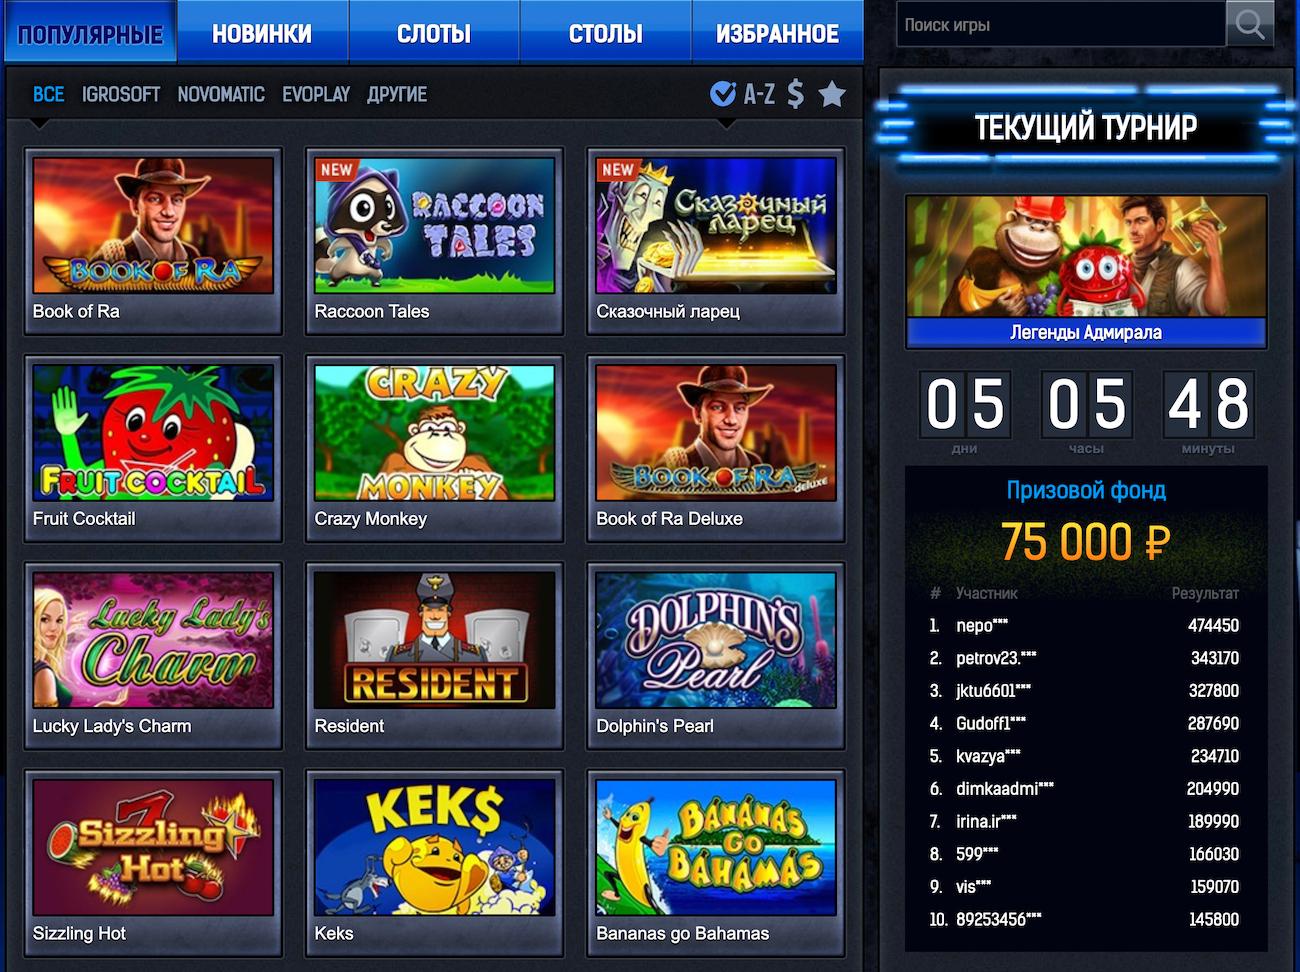 Игровые автоматы в перевальске казино вулкан гомель